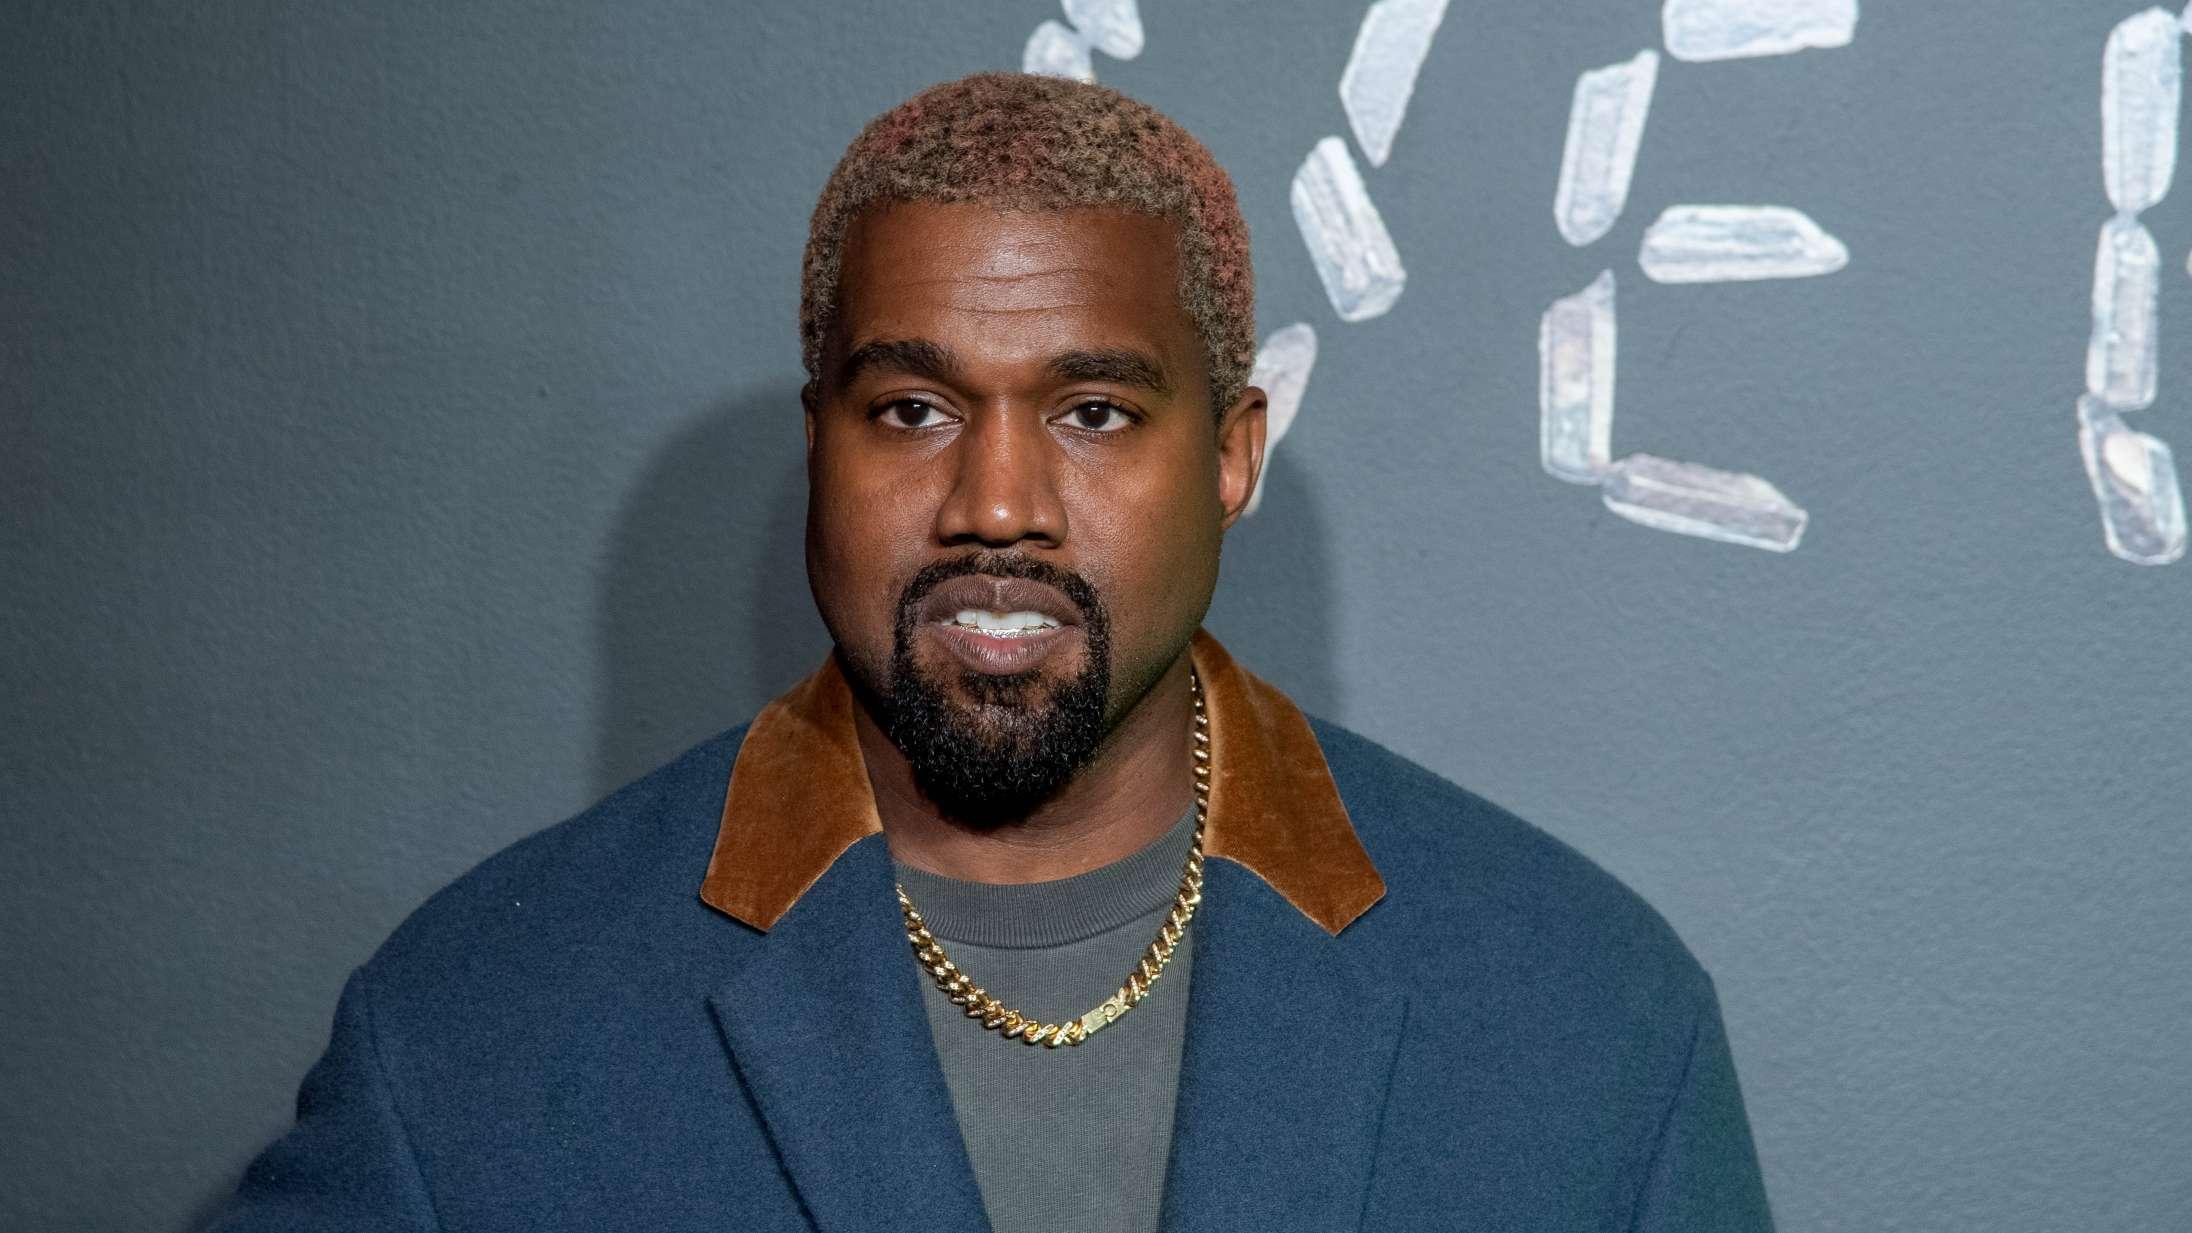 Kanye-kaos, Juice WRLD-album og R.I.P. Shmur: Soundvenues hiphop-podcast snakker sommeren 2020